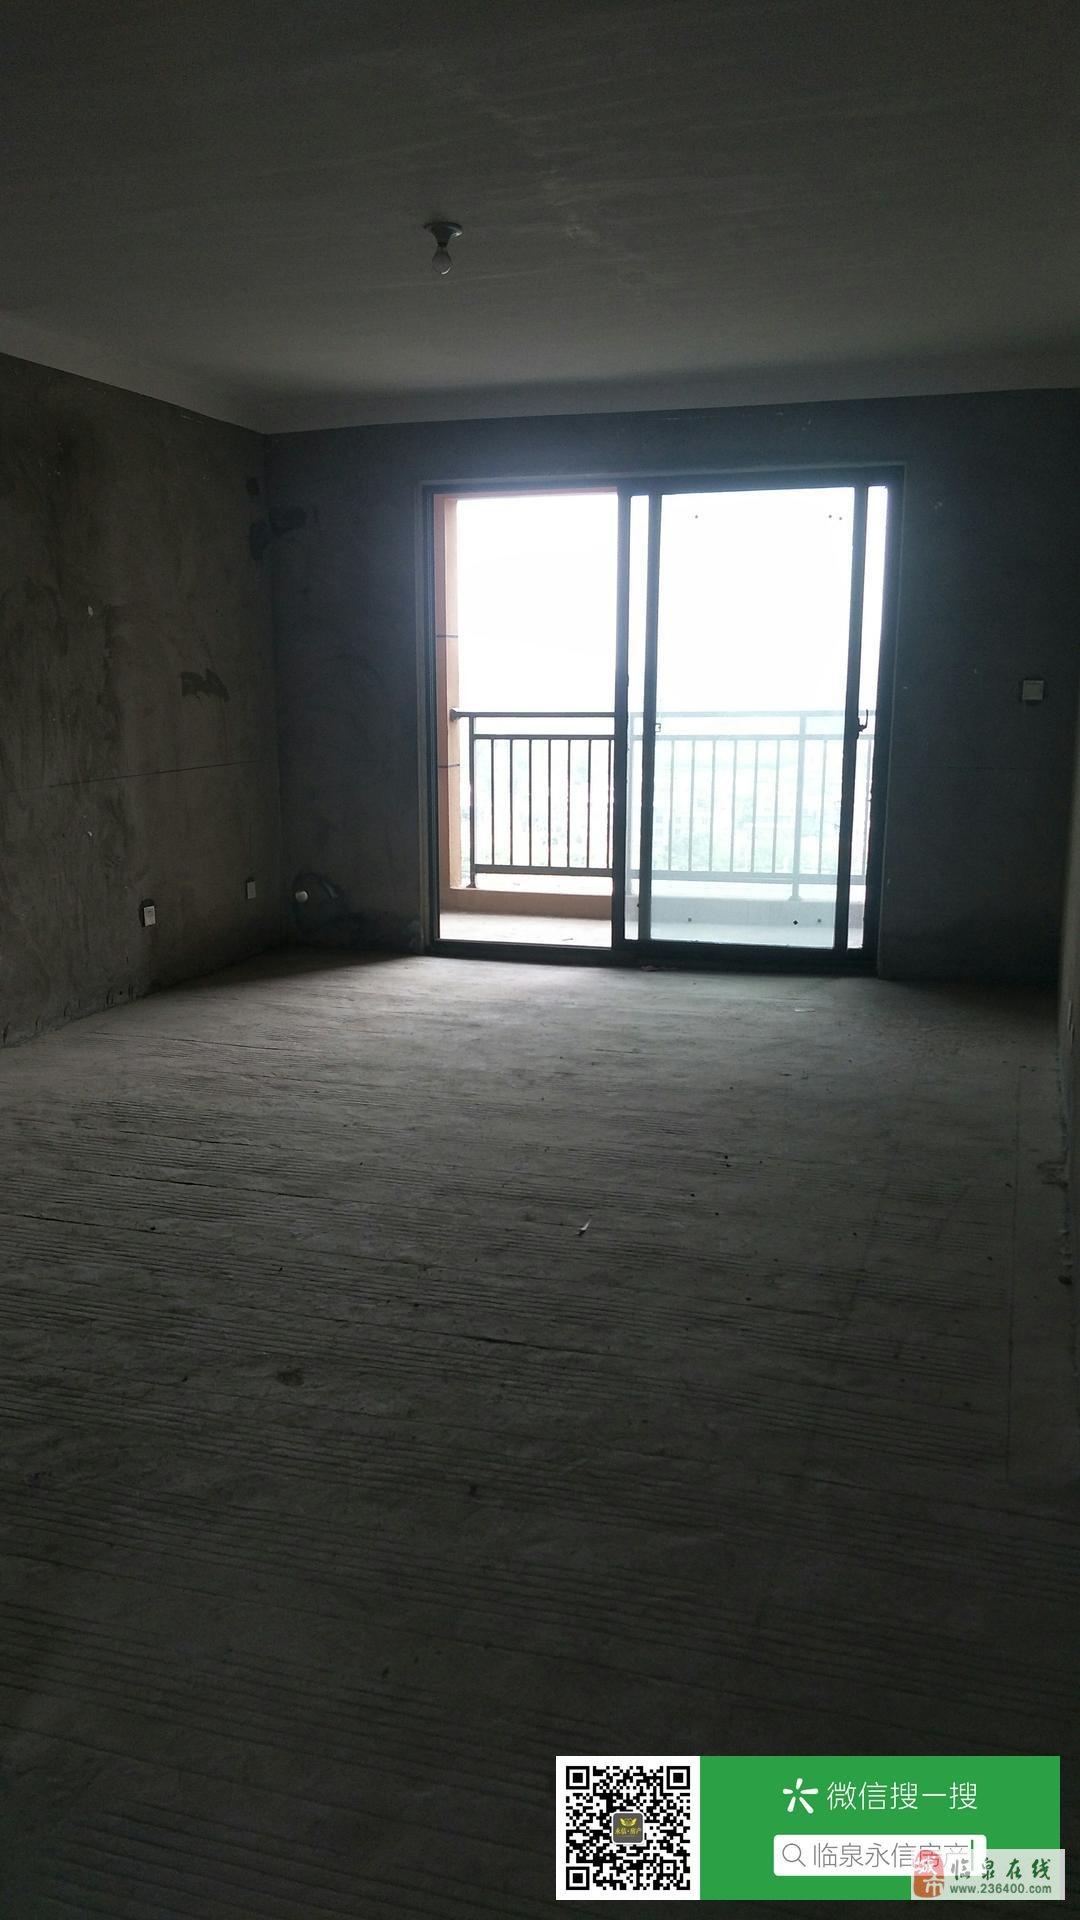 同运凯旋名门3室2厅1卫73万元